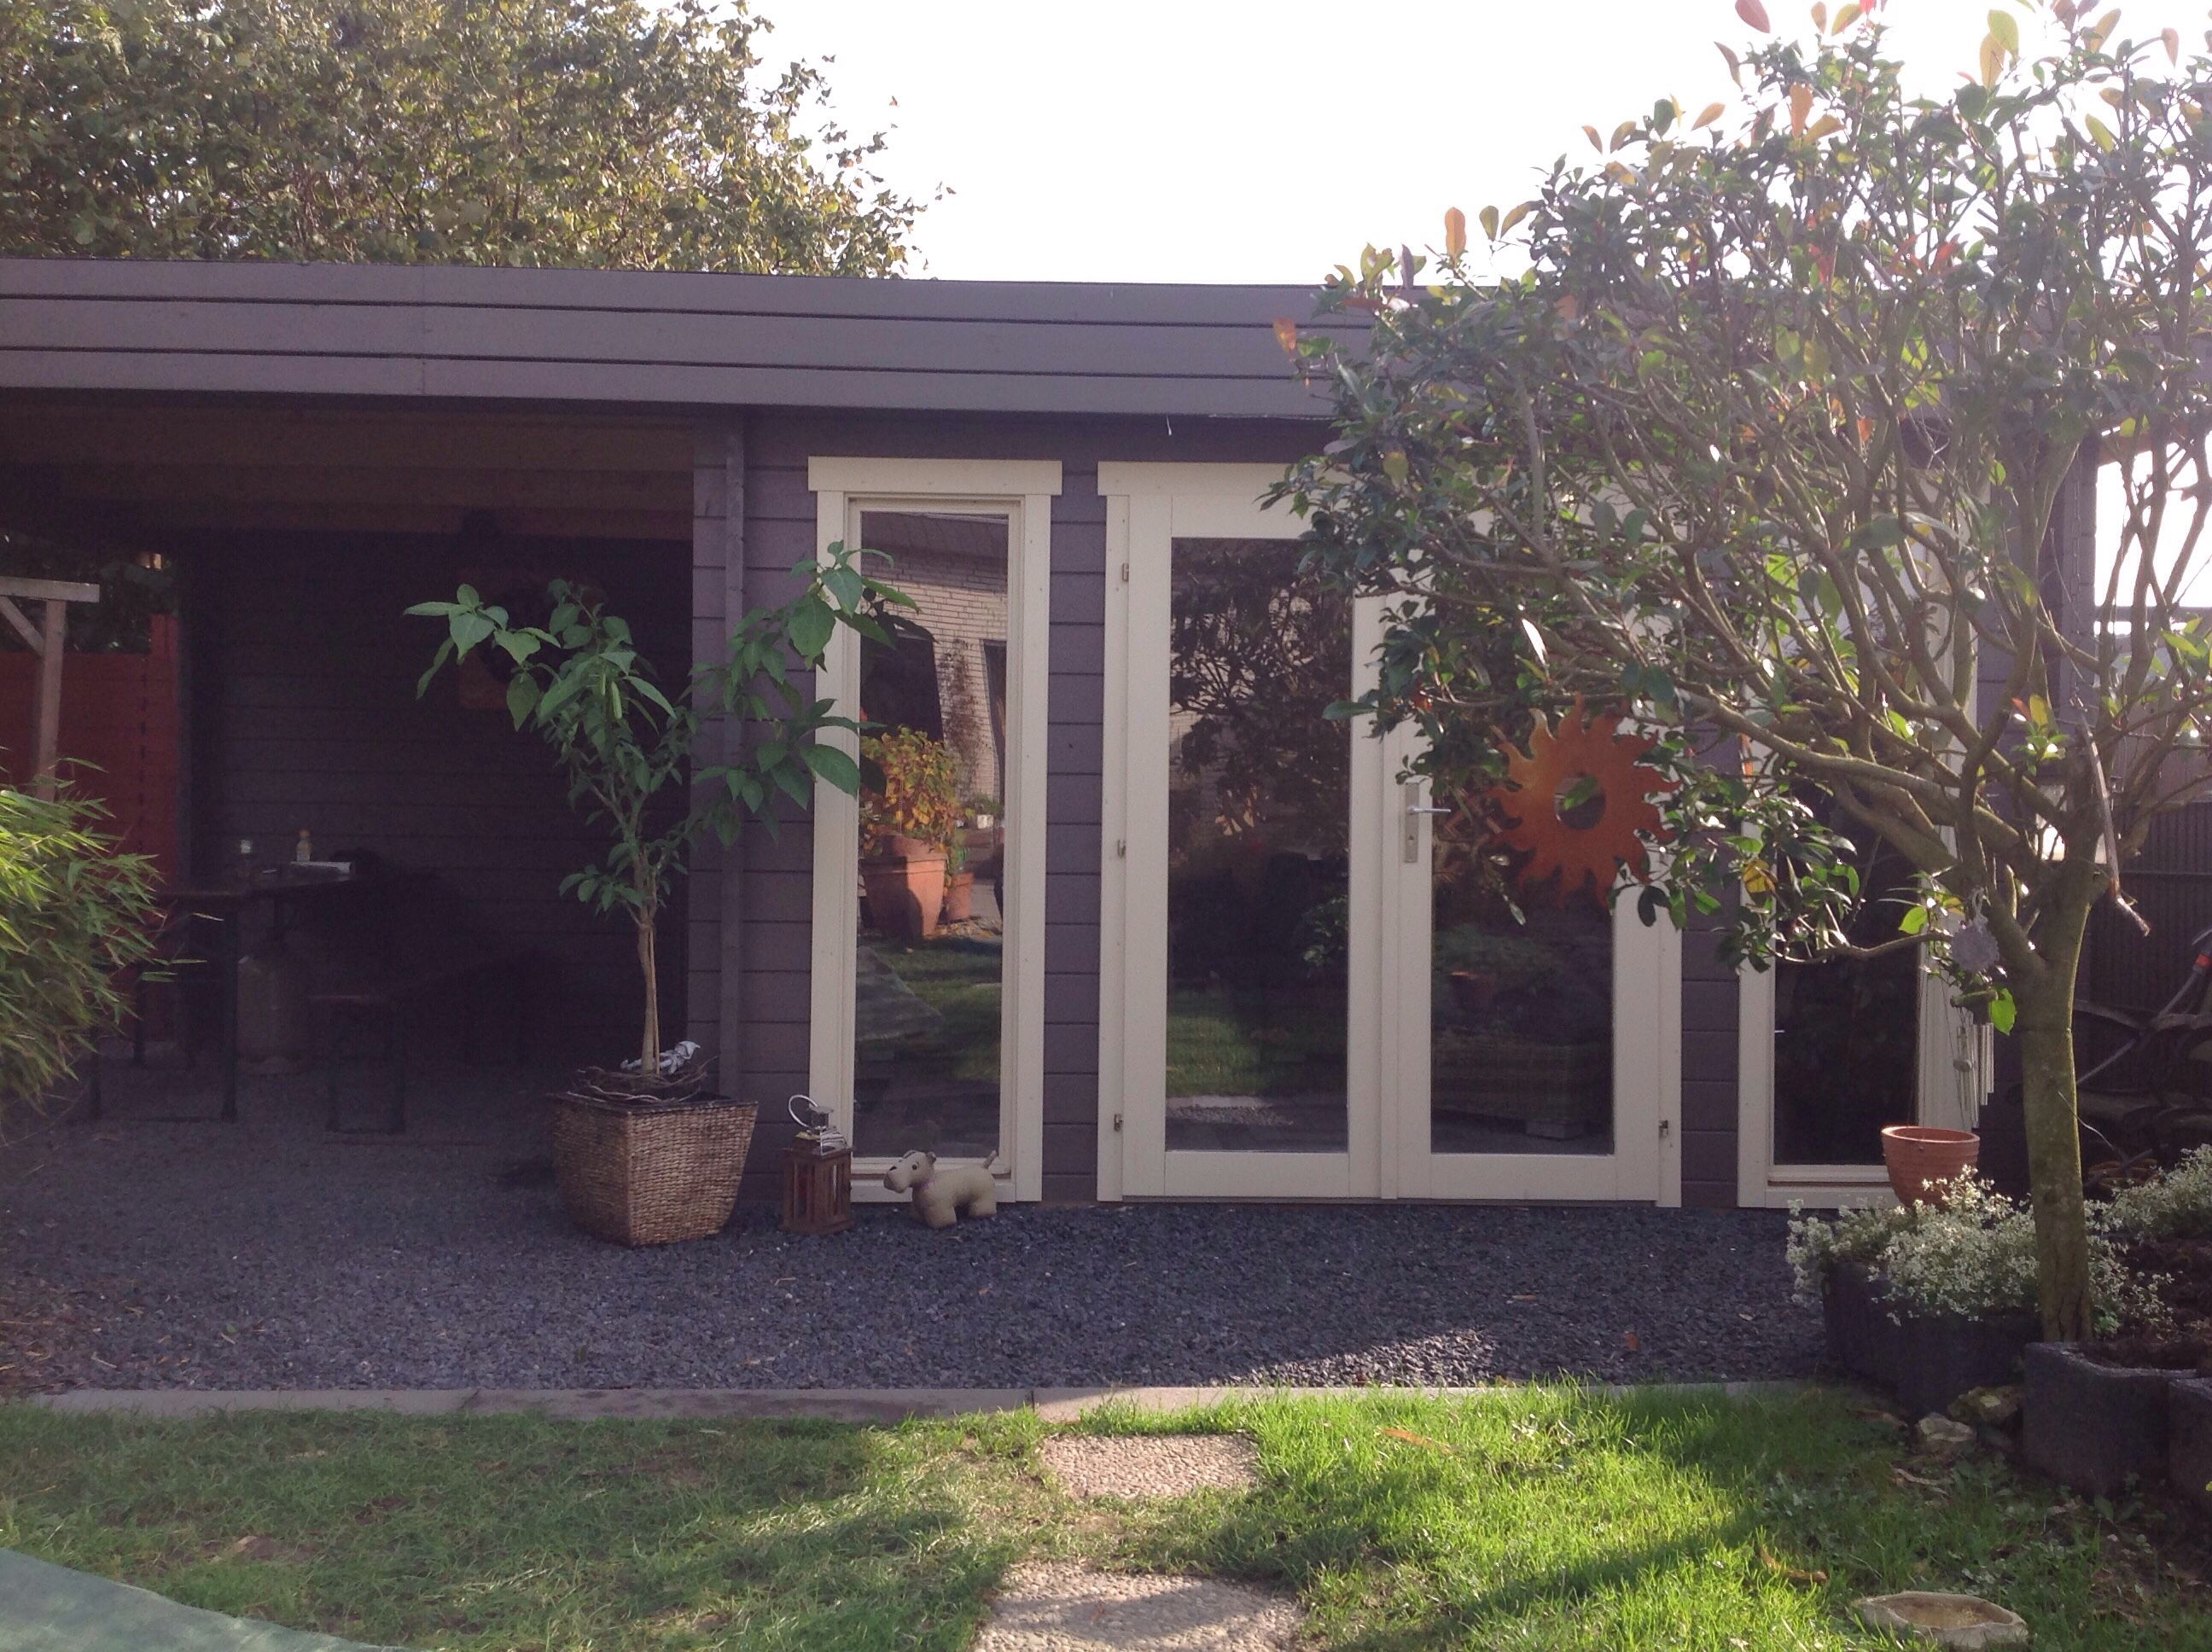 modernes flachdach gartenhaus mit kiesterrasse und berdachtem sitzbereich moderne flachdach. Black Bedroom Furniture Sets. Home Design Ideas